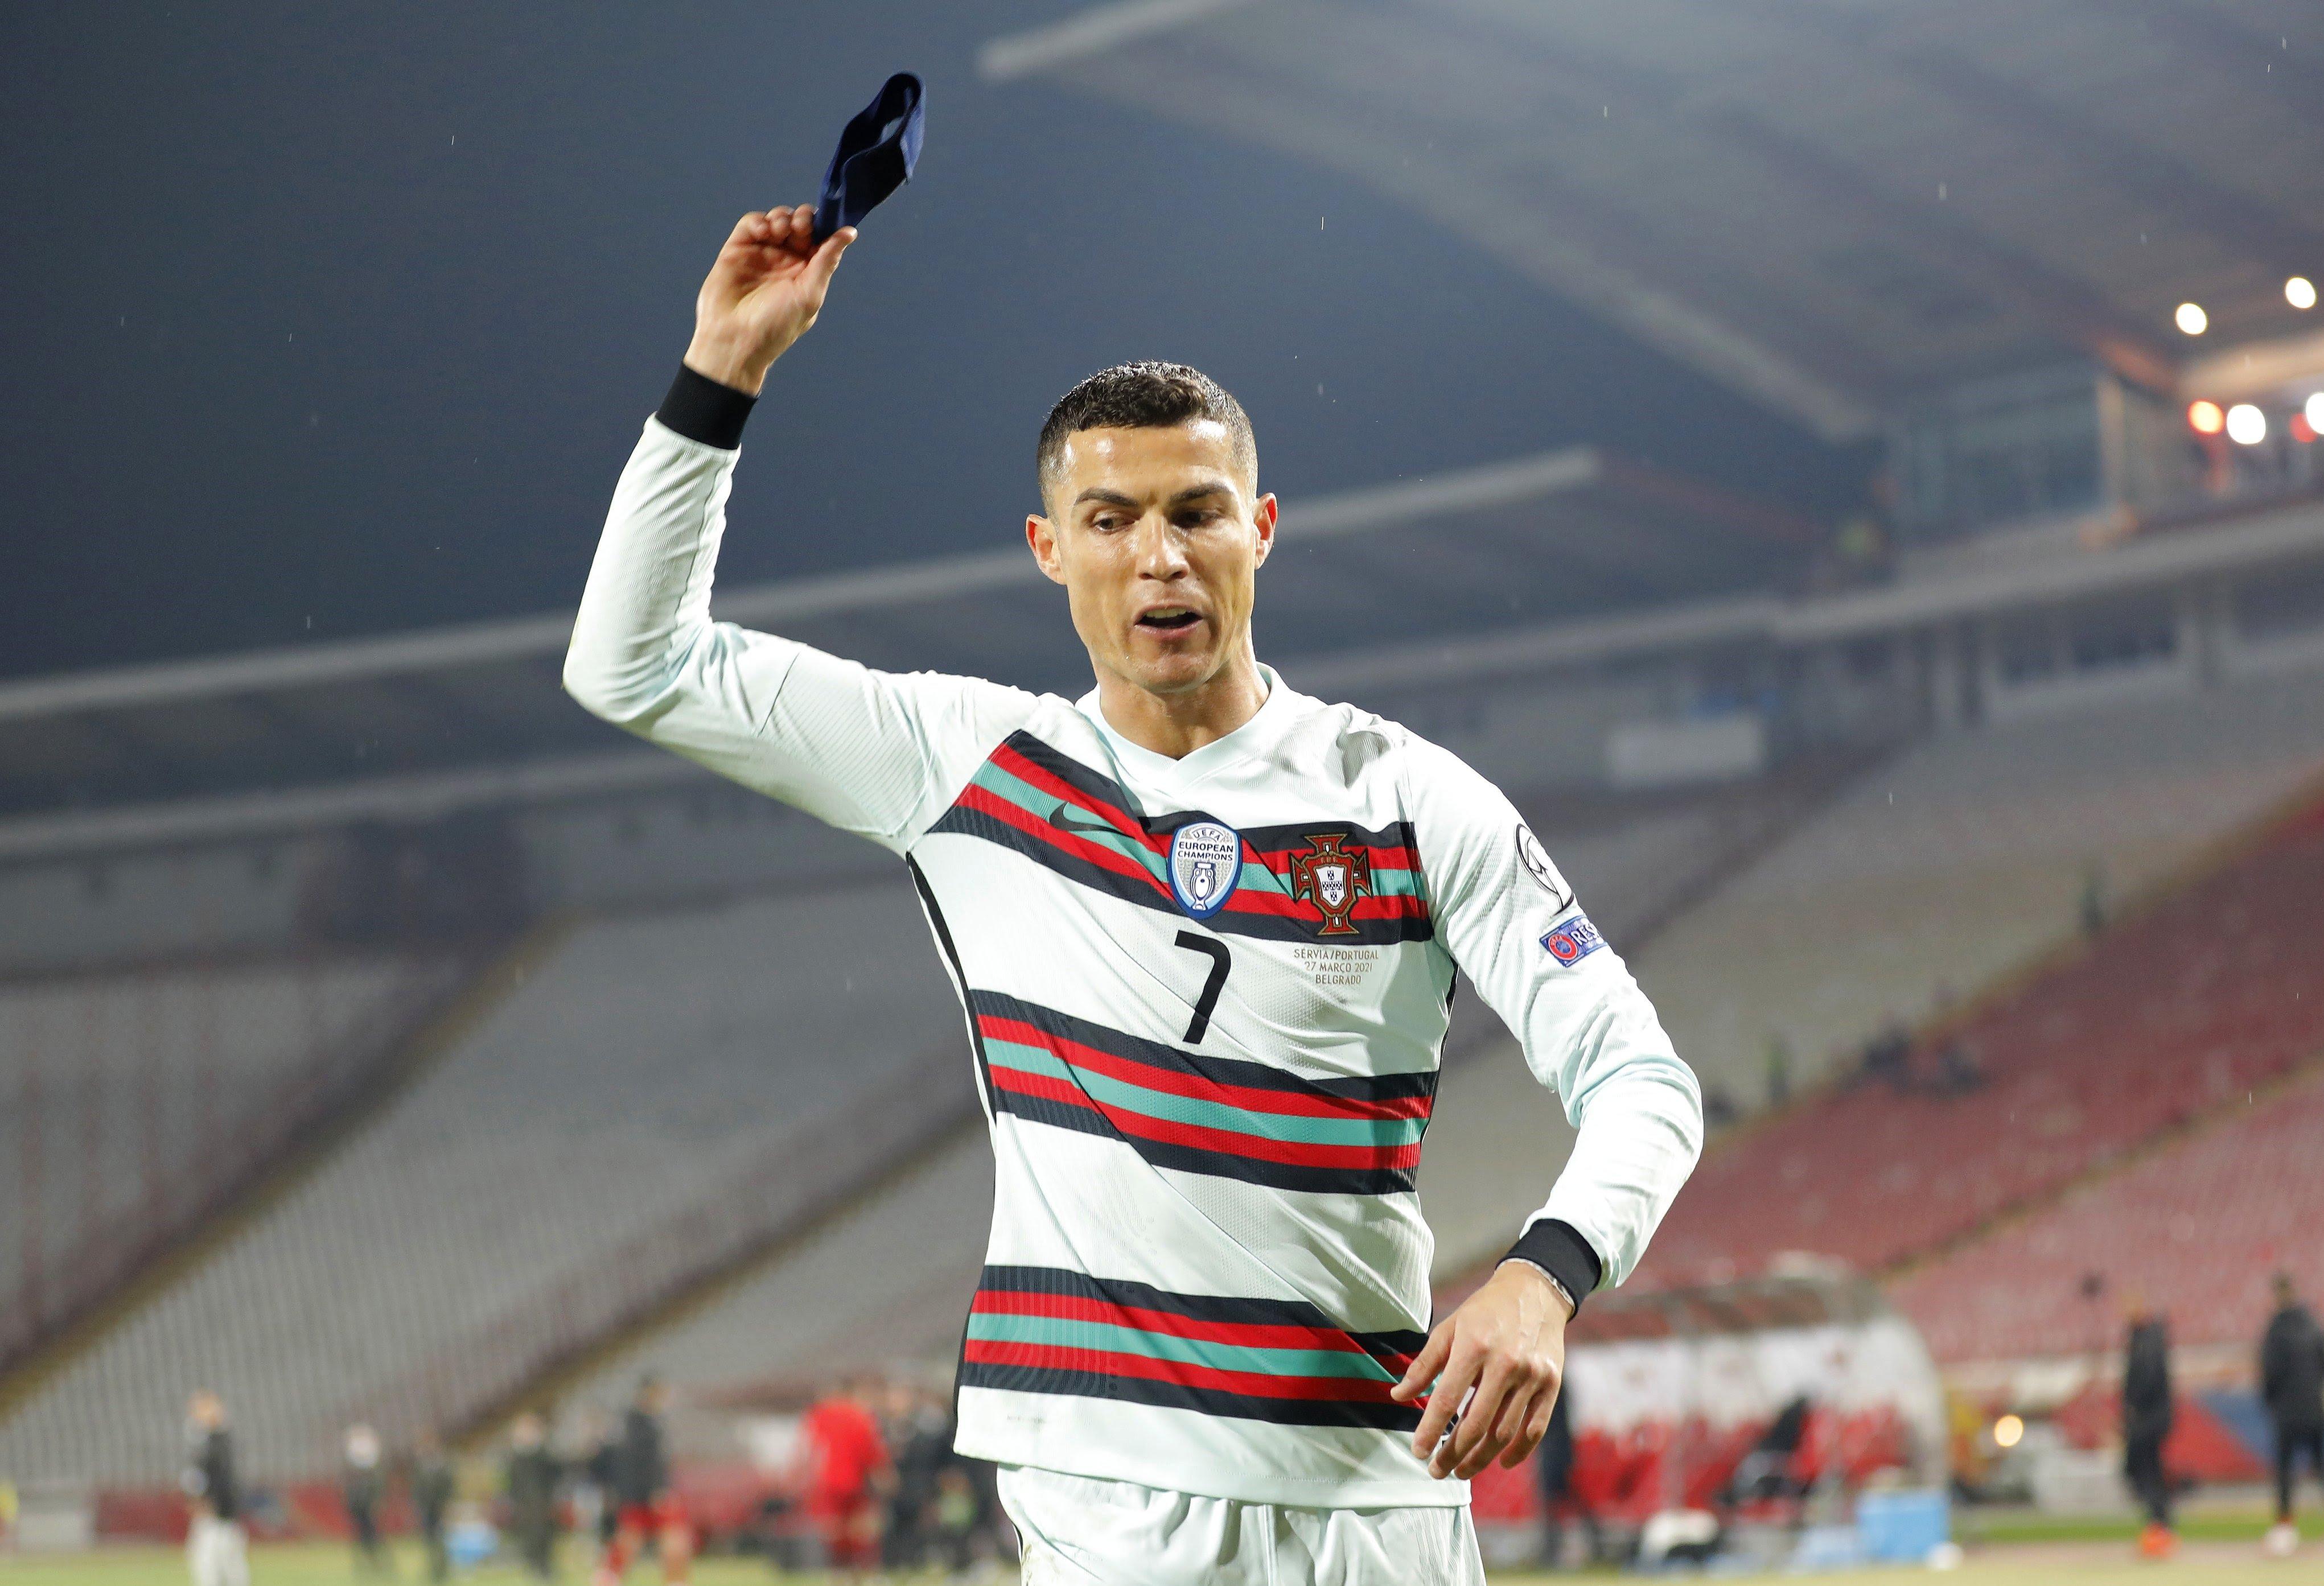 علت عصبانيت کریستیانو رونالدو کاپیتان تیم ملی پرتغال، چرا رونالدو بازوبند پرتغال پرت كرد